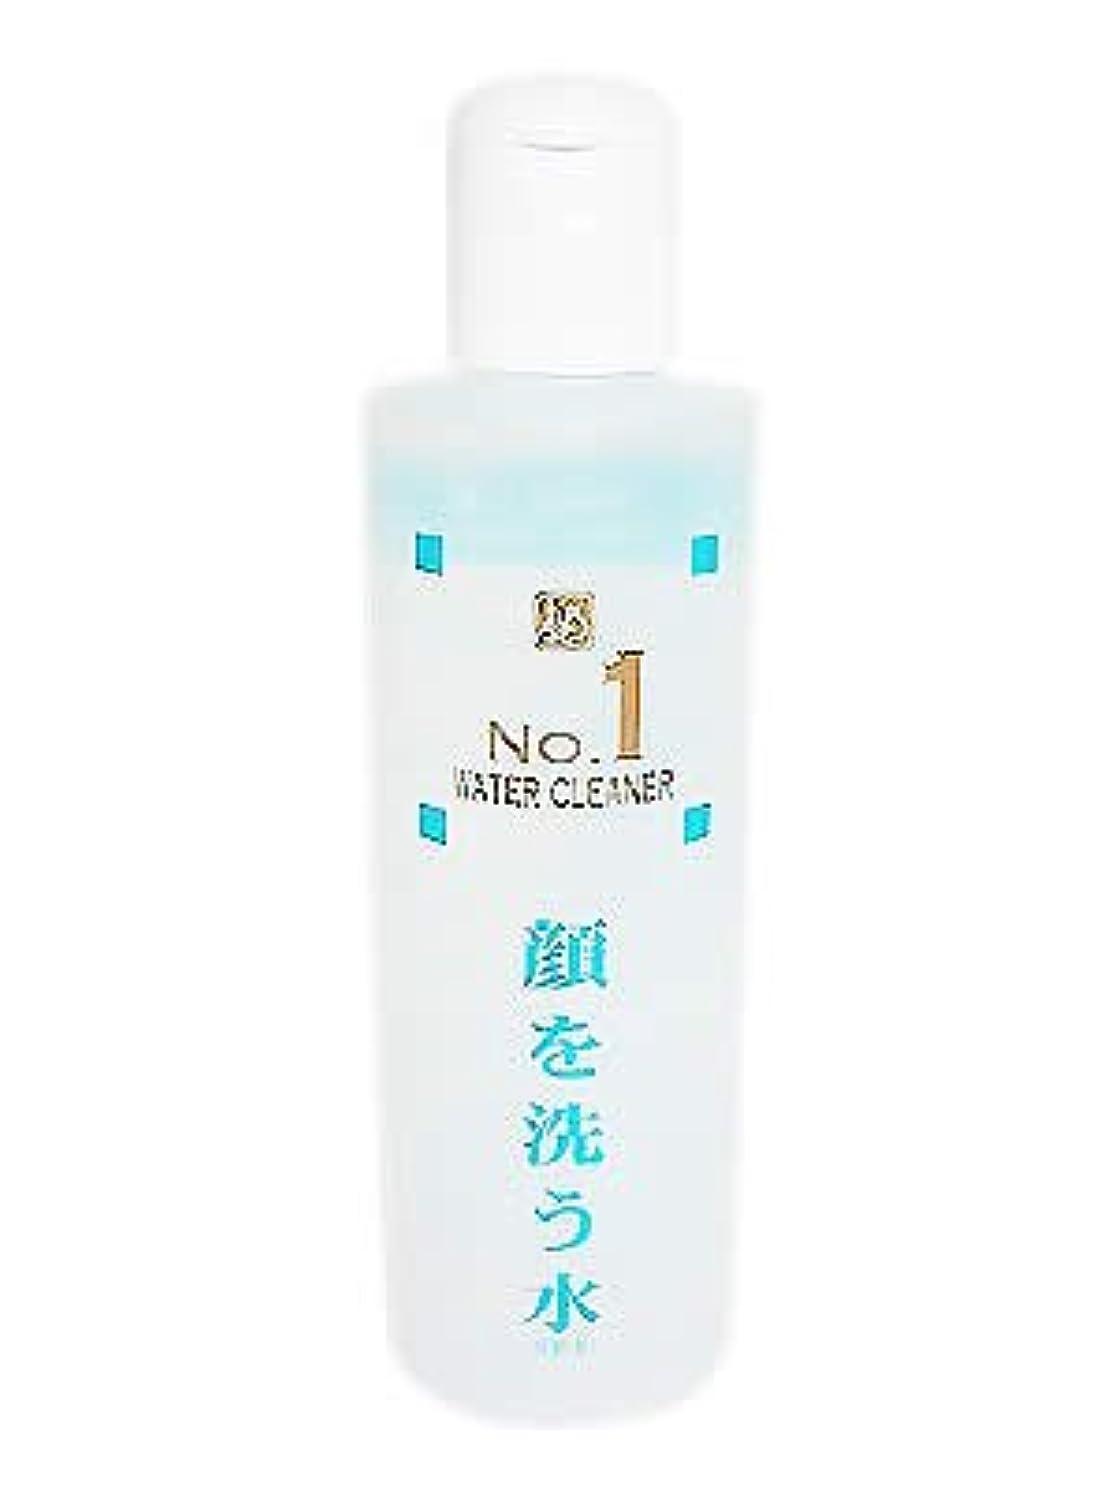 震える職業パノラマ顔を洗う水 No.1 ウォータークリーナー 洗顔化粧水 250ml